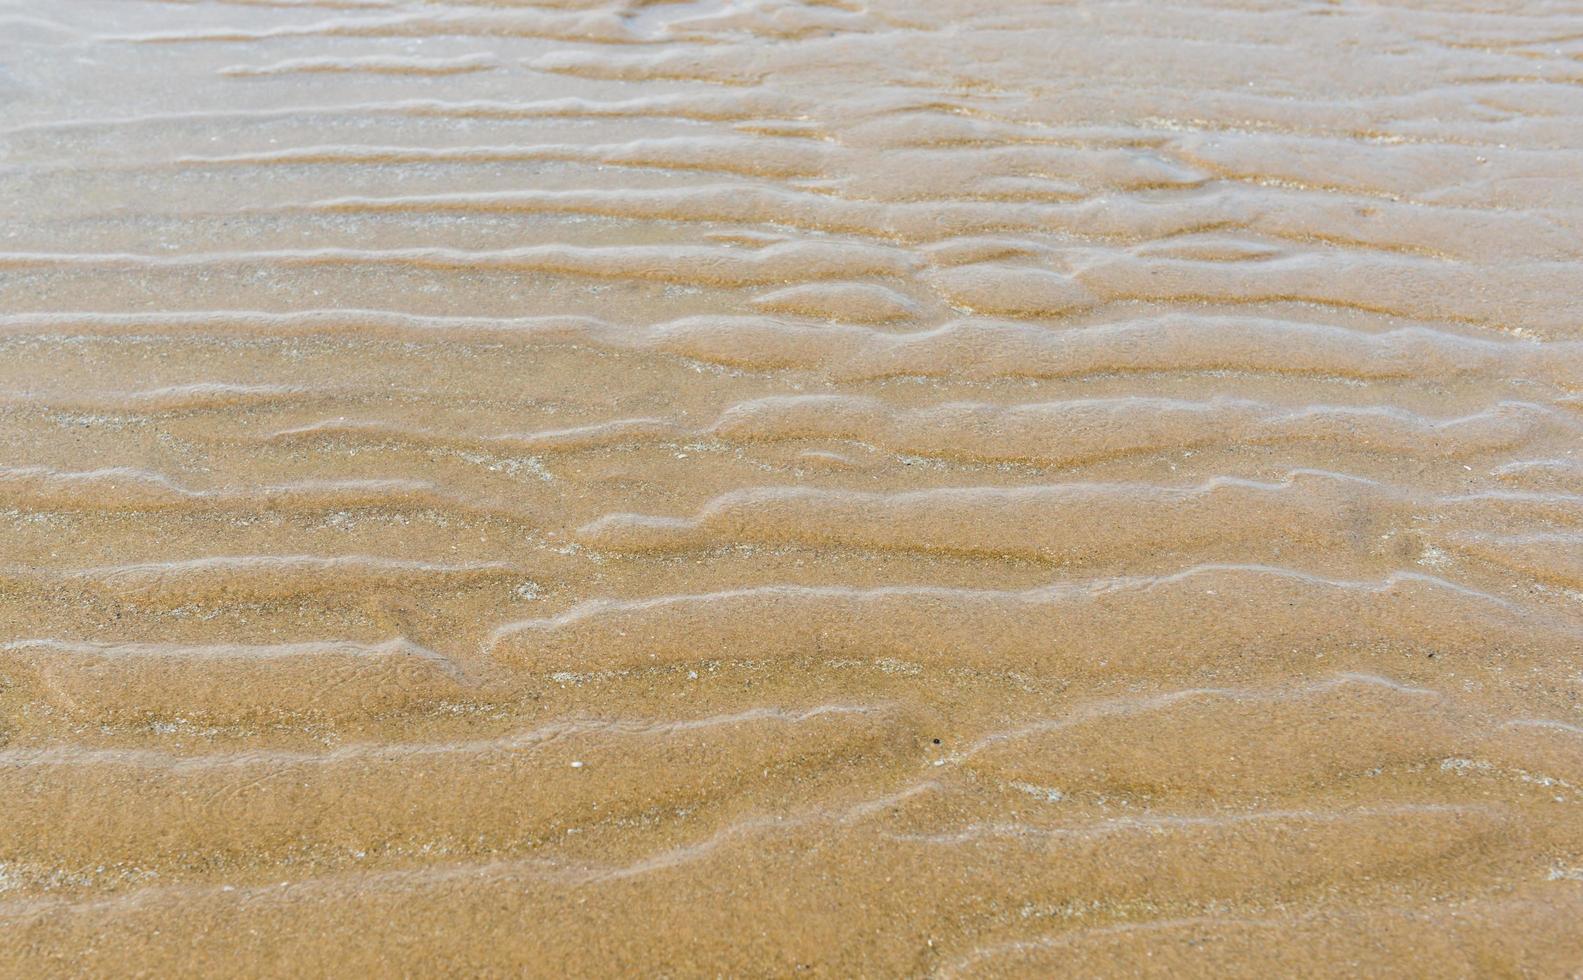 sabbia natura texture.onda di sabbia texture vicino alla spiaggia foto